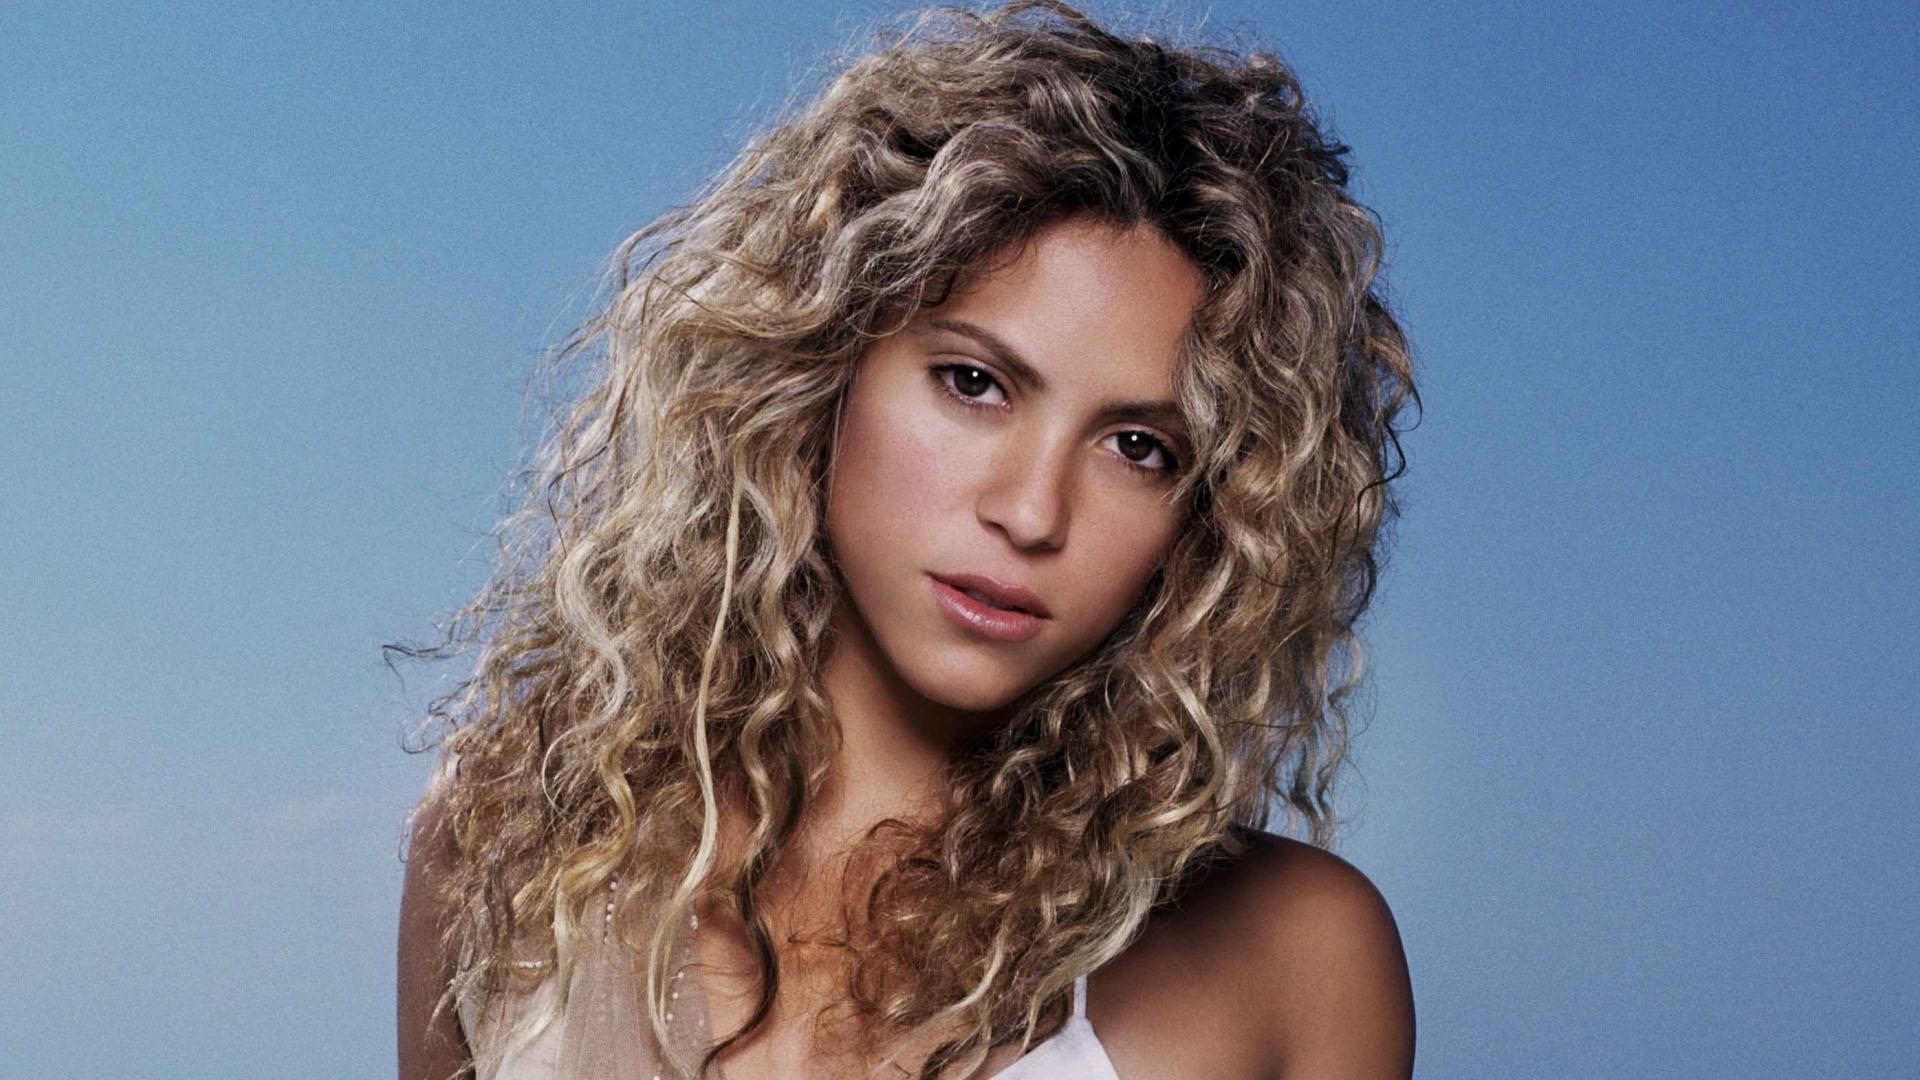 Wallpaper Face Long Hair Sky Black Hair Shakira Supermodel